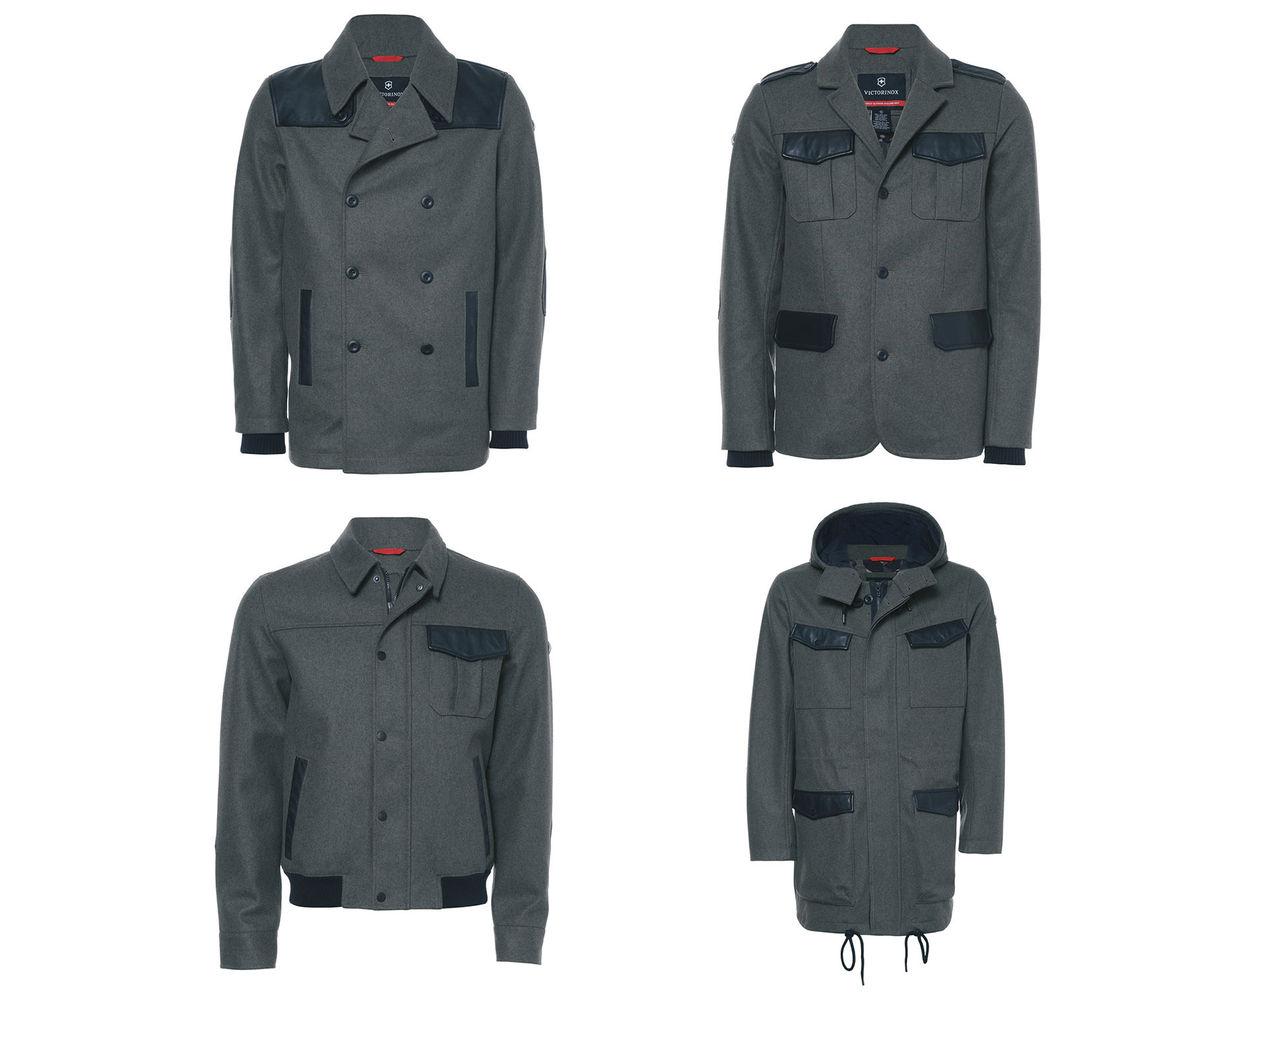 Victorinox lanserar nya jackor